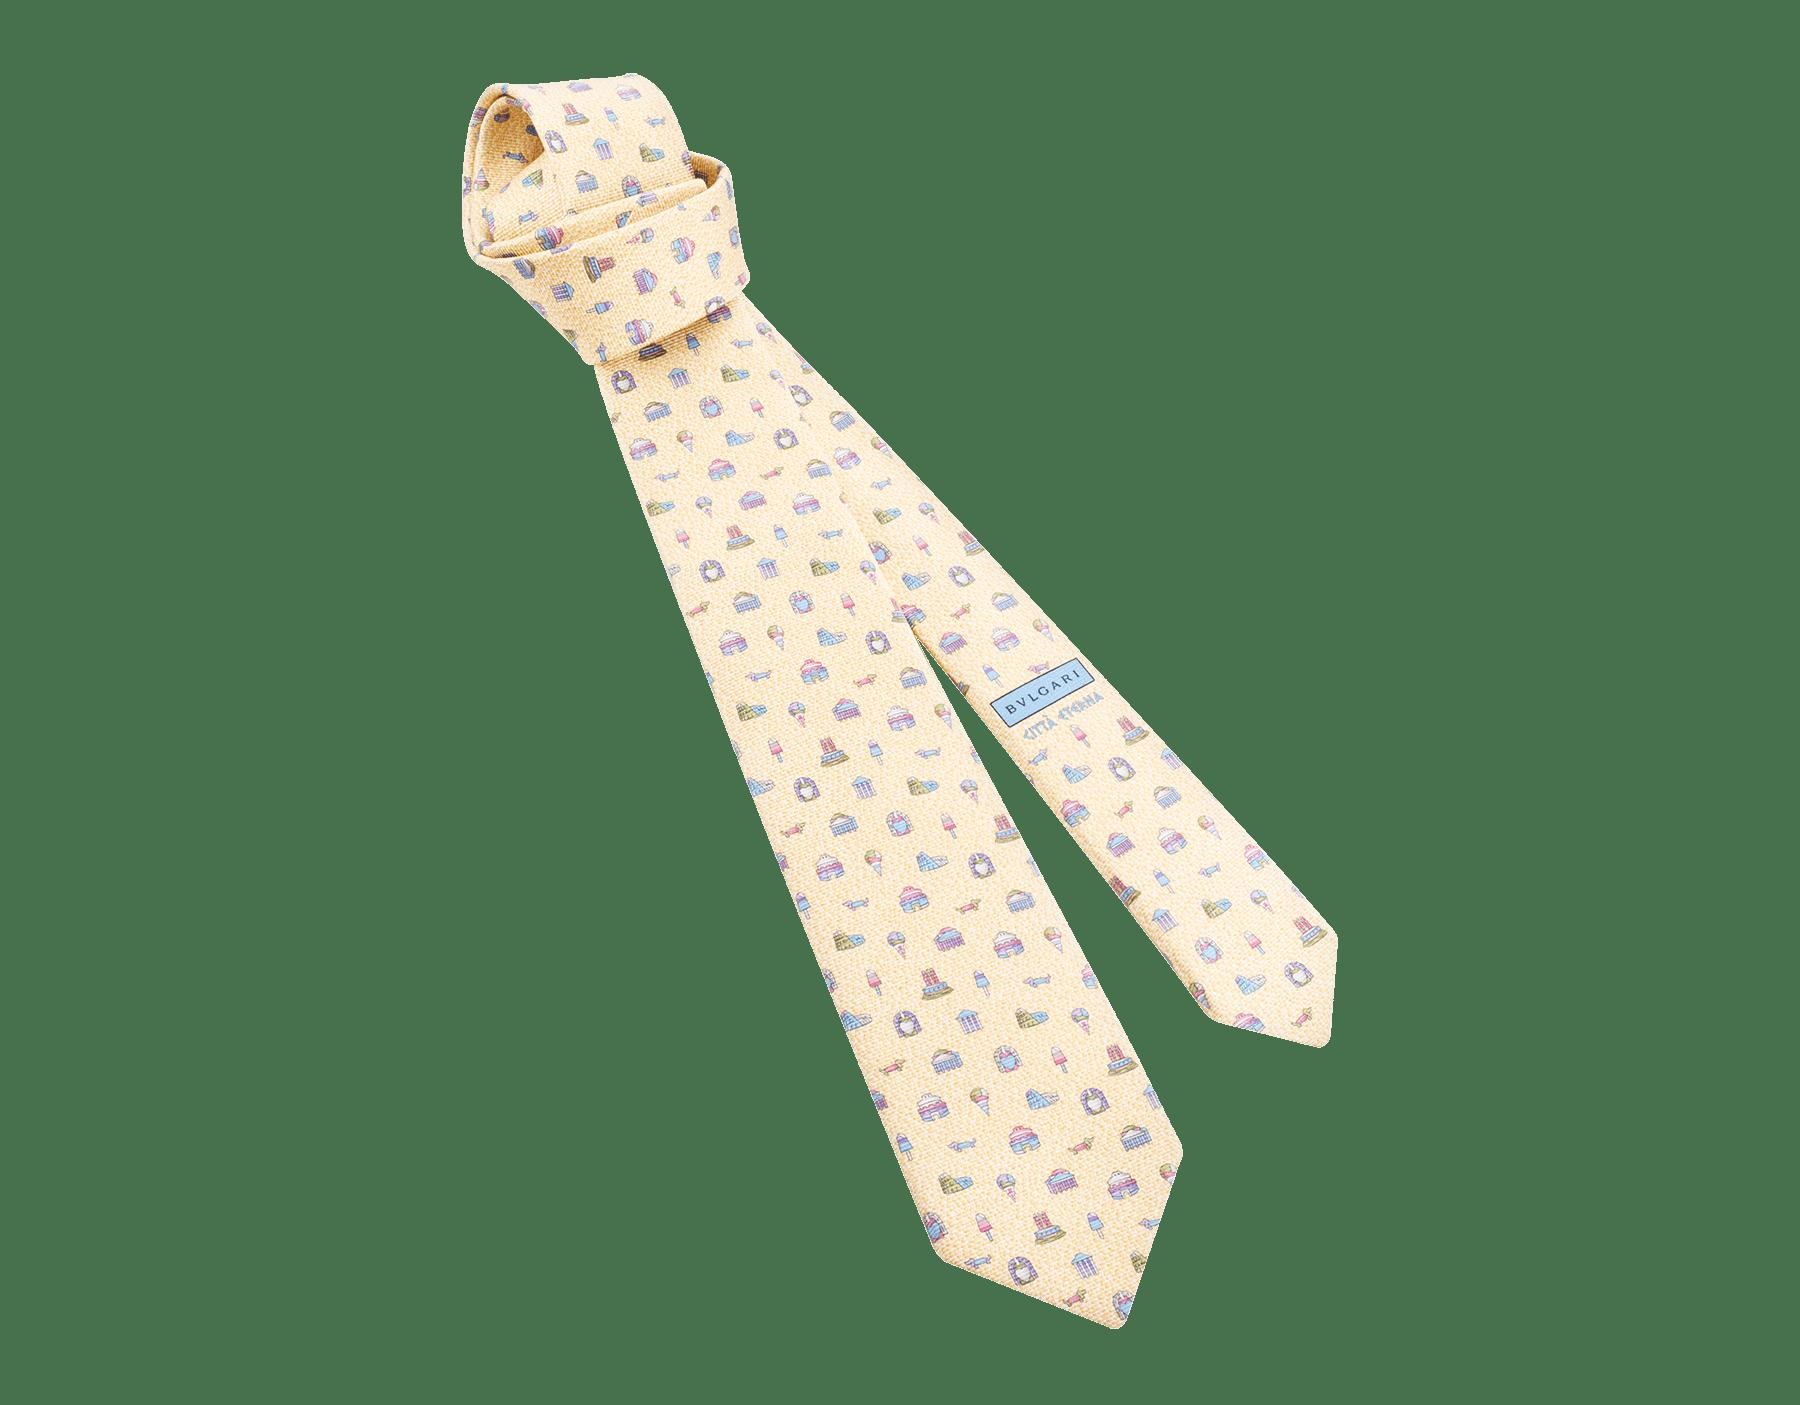 Siebenfach gefaltete rosafarbene Città Eterna Krawatte aus feiner, bedruckter Saglione-Seide. CITTAETERNAtie image 1